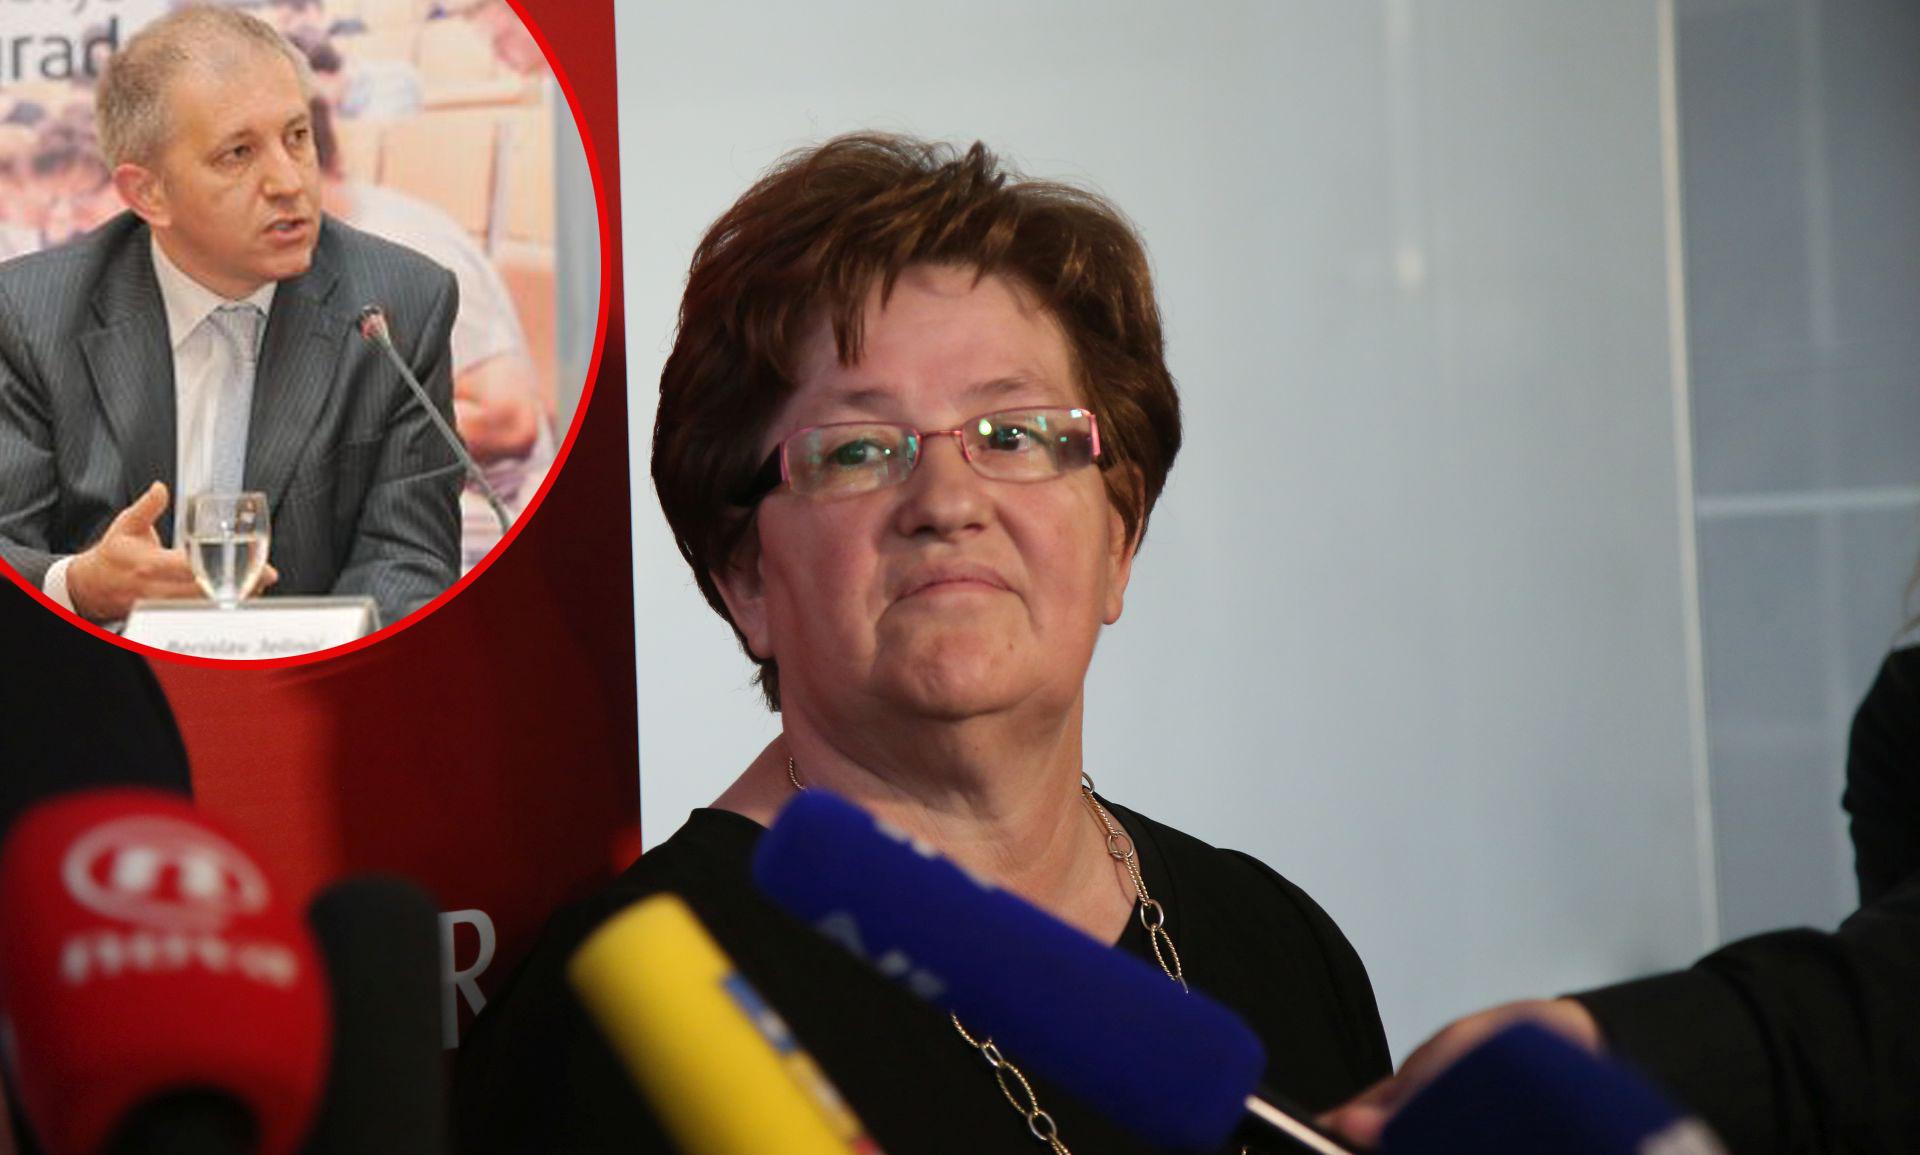 Istražni zatvor za Gilju zbog prijetnji glavnom uredniku Nacionala i zastrašivanja prokuristice Kraša